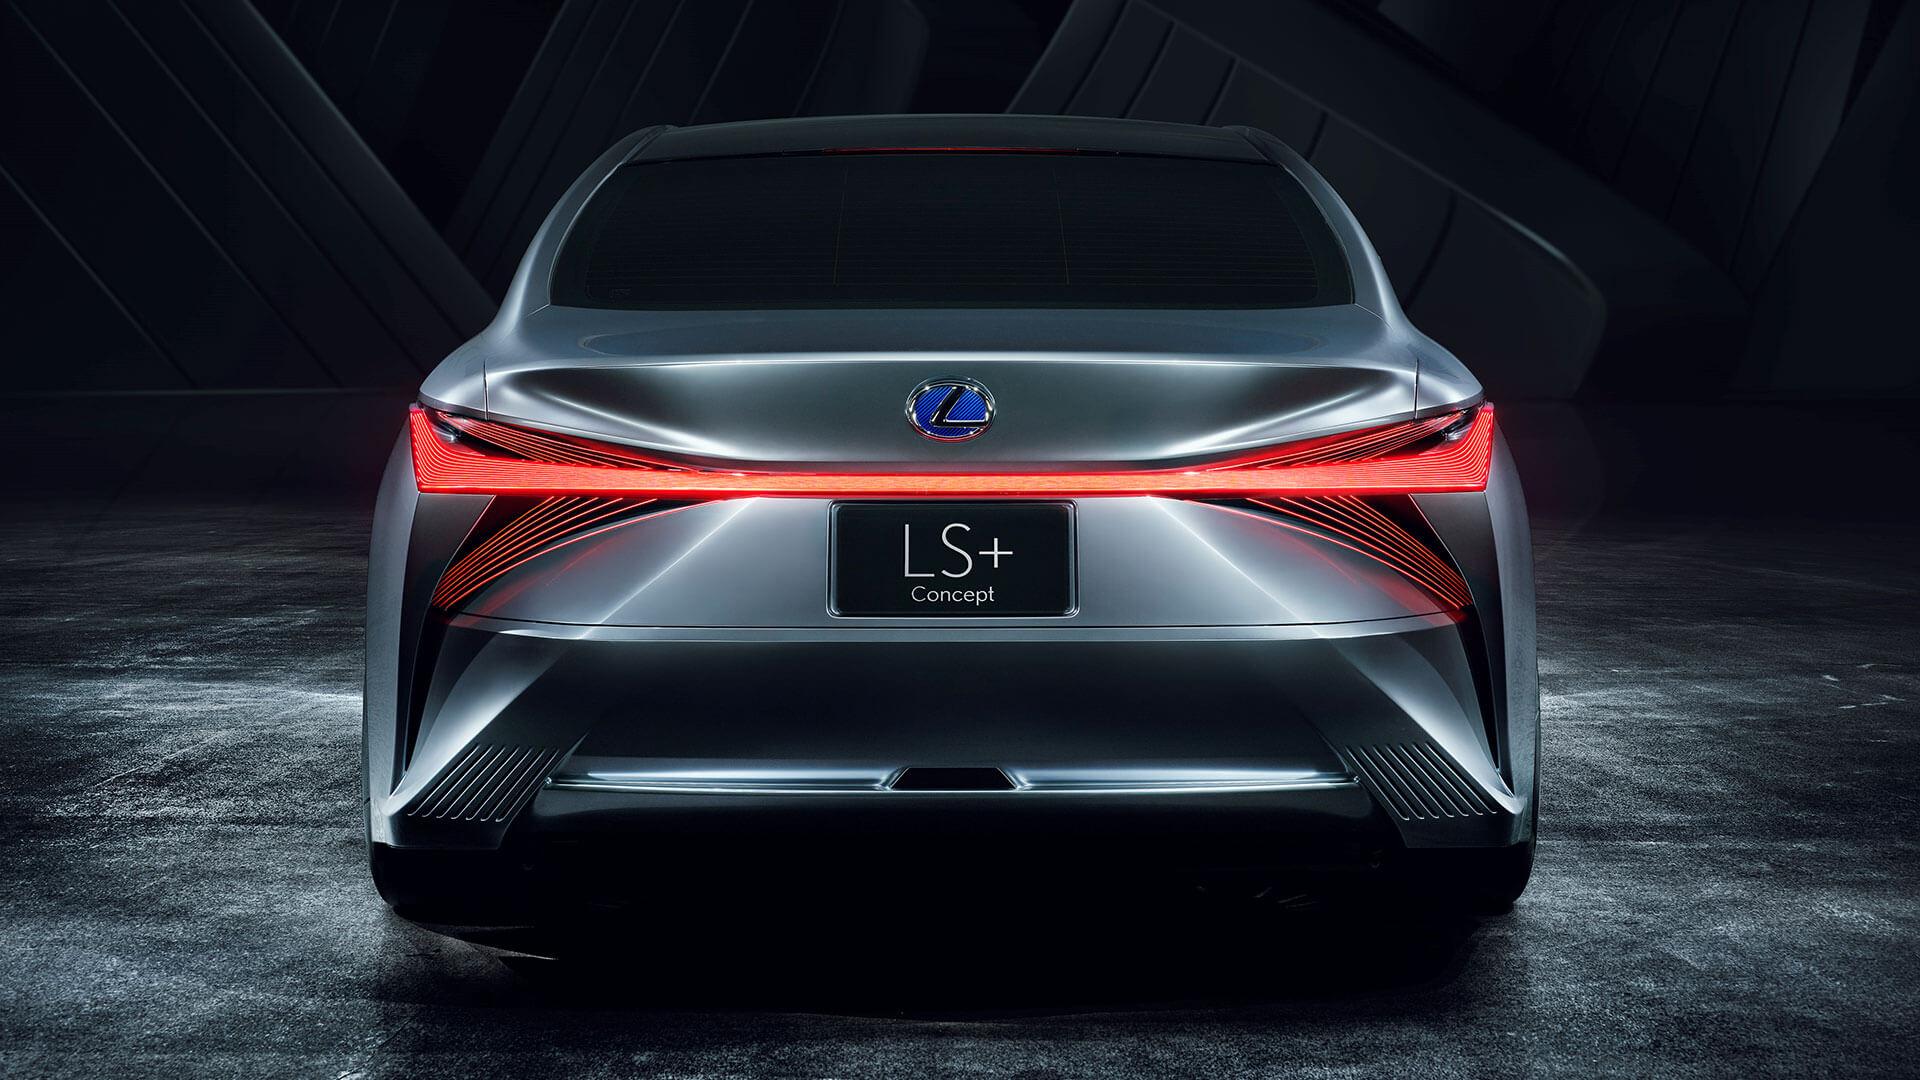 lexus ls concept tokyo motor show gallery 004